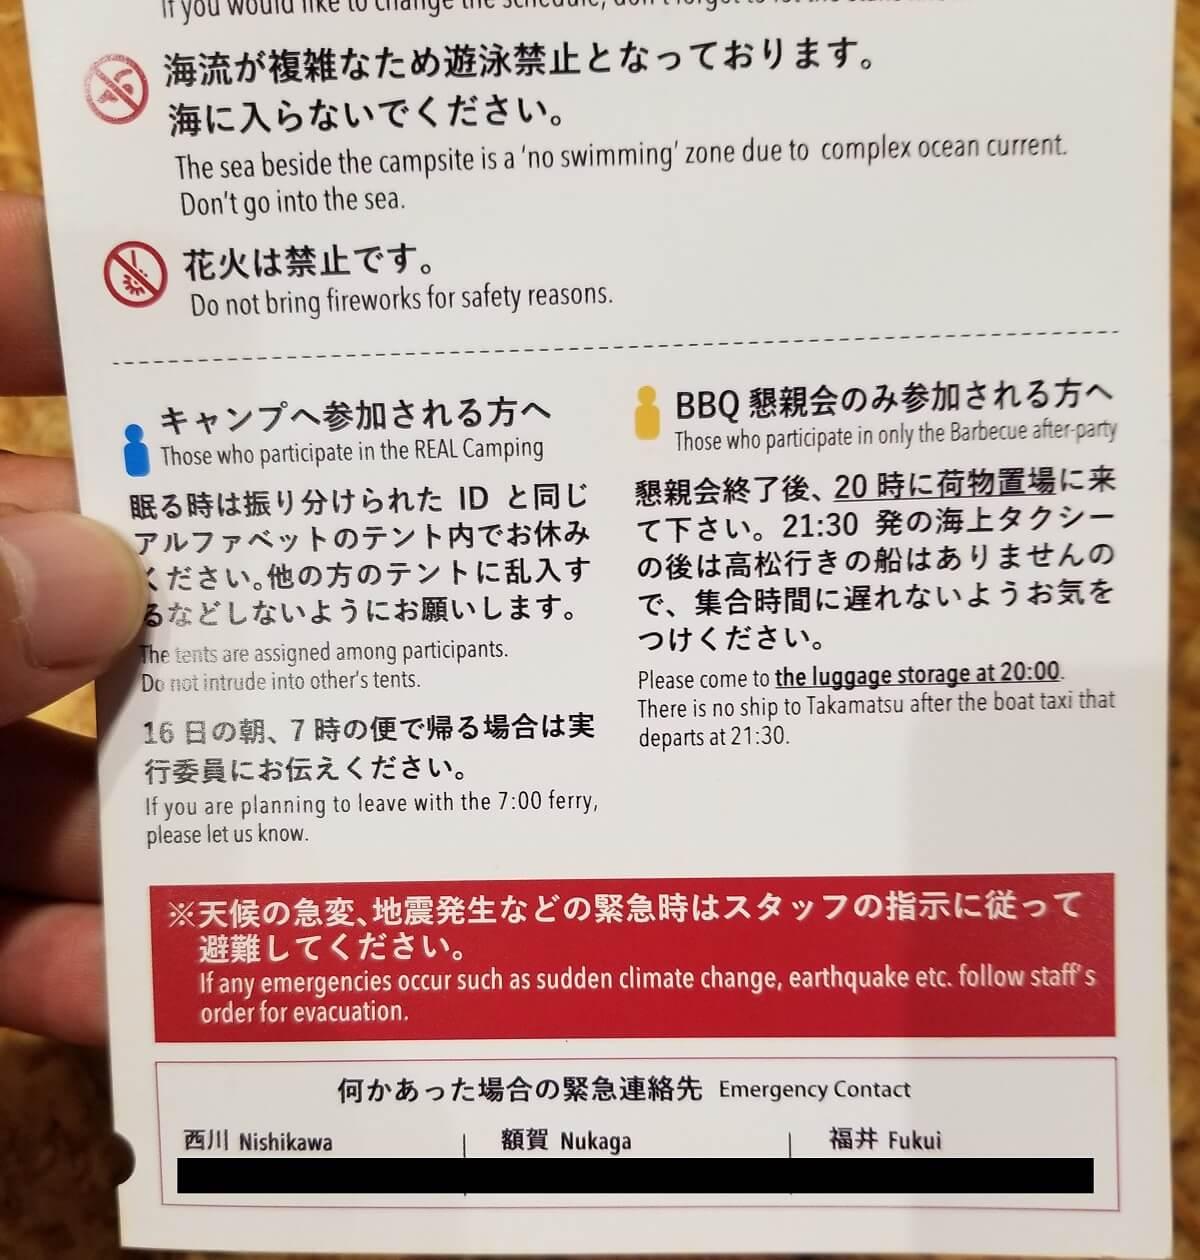 緊急連絡先としてWordCamp Ogijimaの実行委員長ら3人の電話番号が記載されているパンフレットの写真